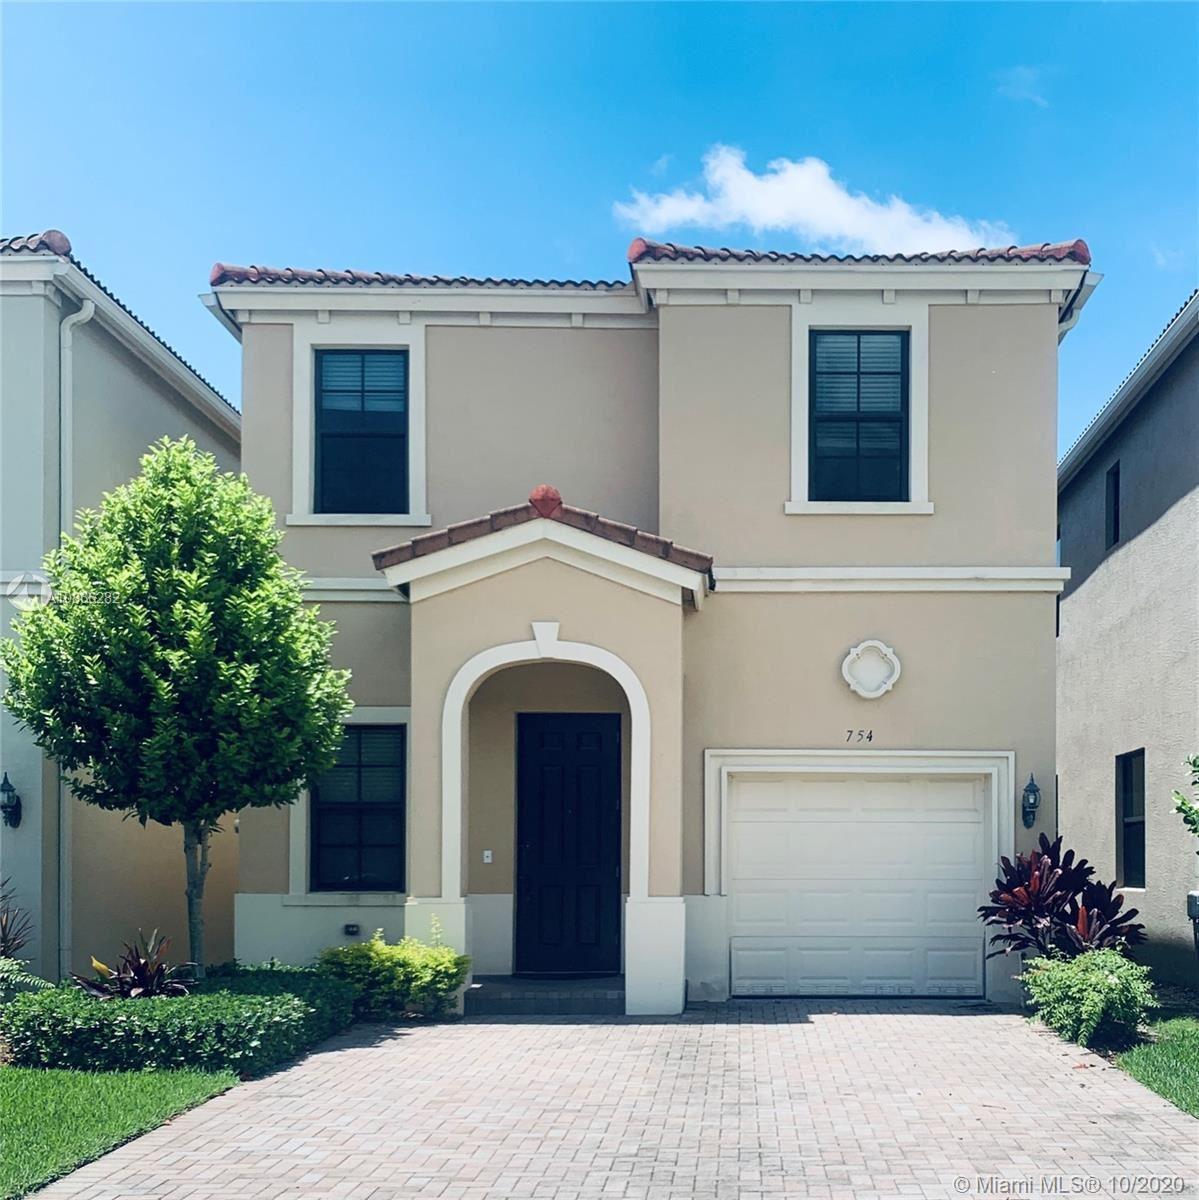 754 NE 191st Ter, Miami, FL 33179 - #: A10866282